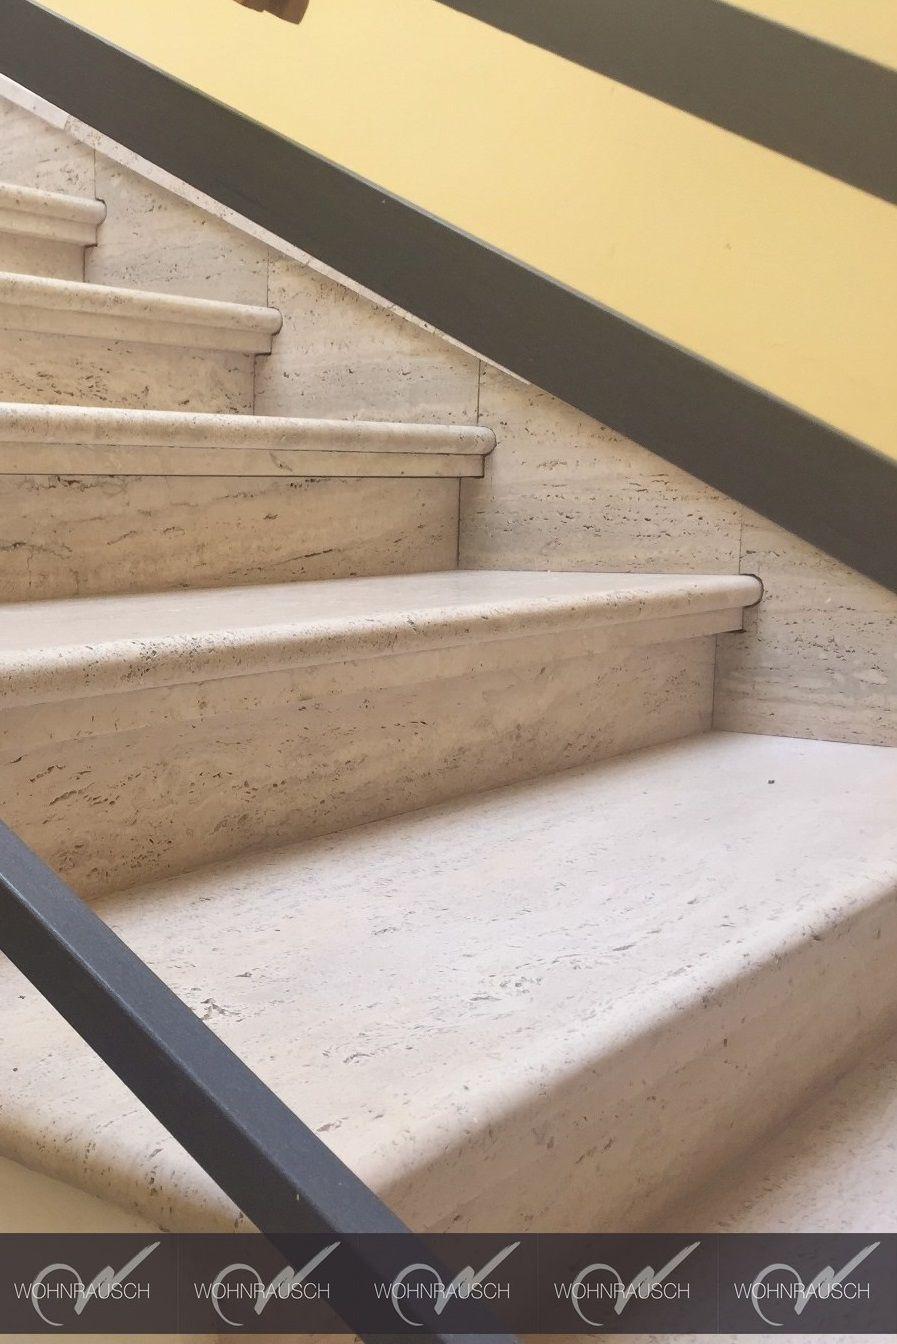 sichtschutz halbrund, hochwertige travertin crema treppe. die vorderkante ist halbrund, Design ideen